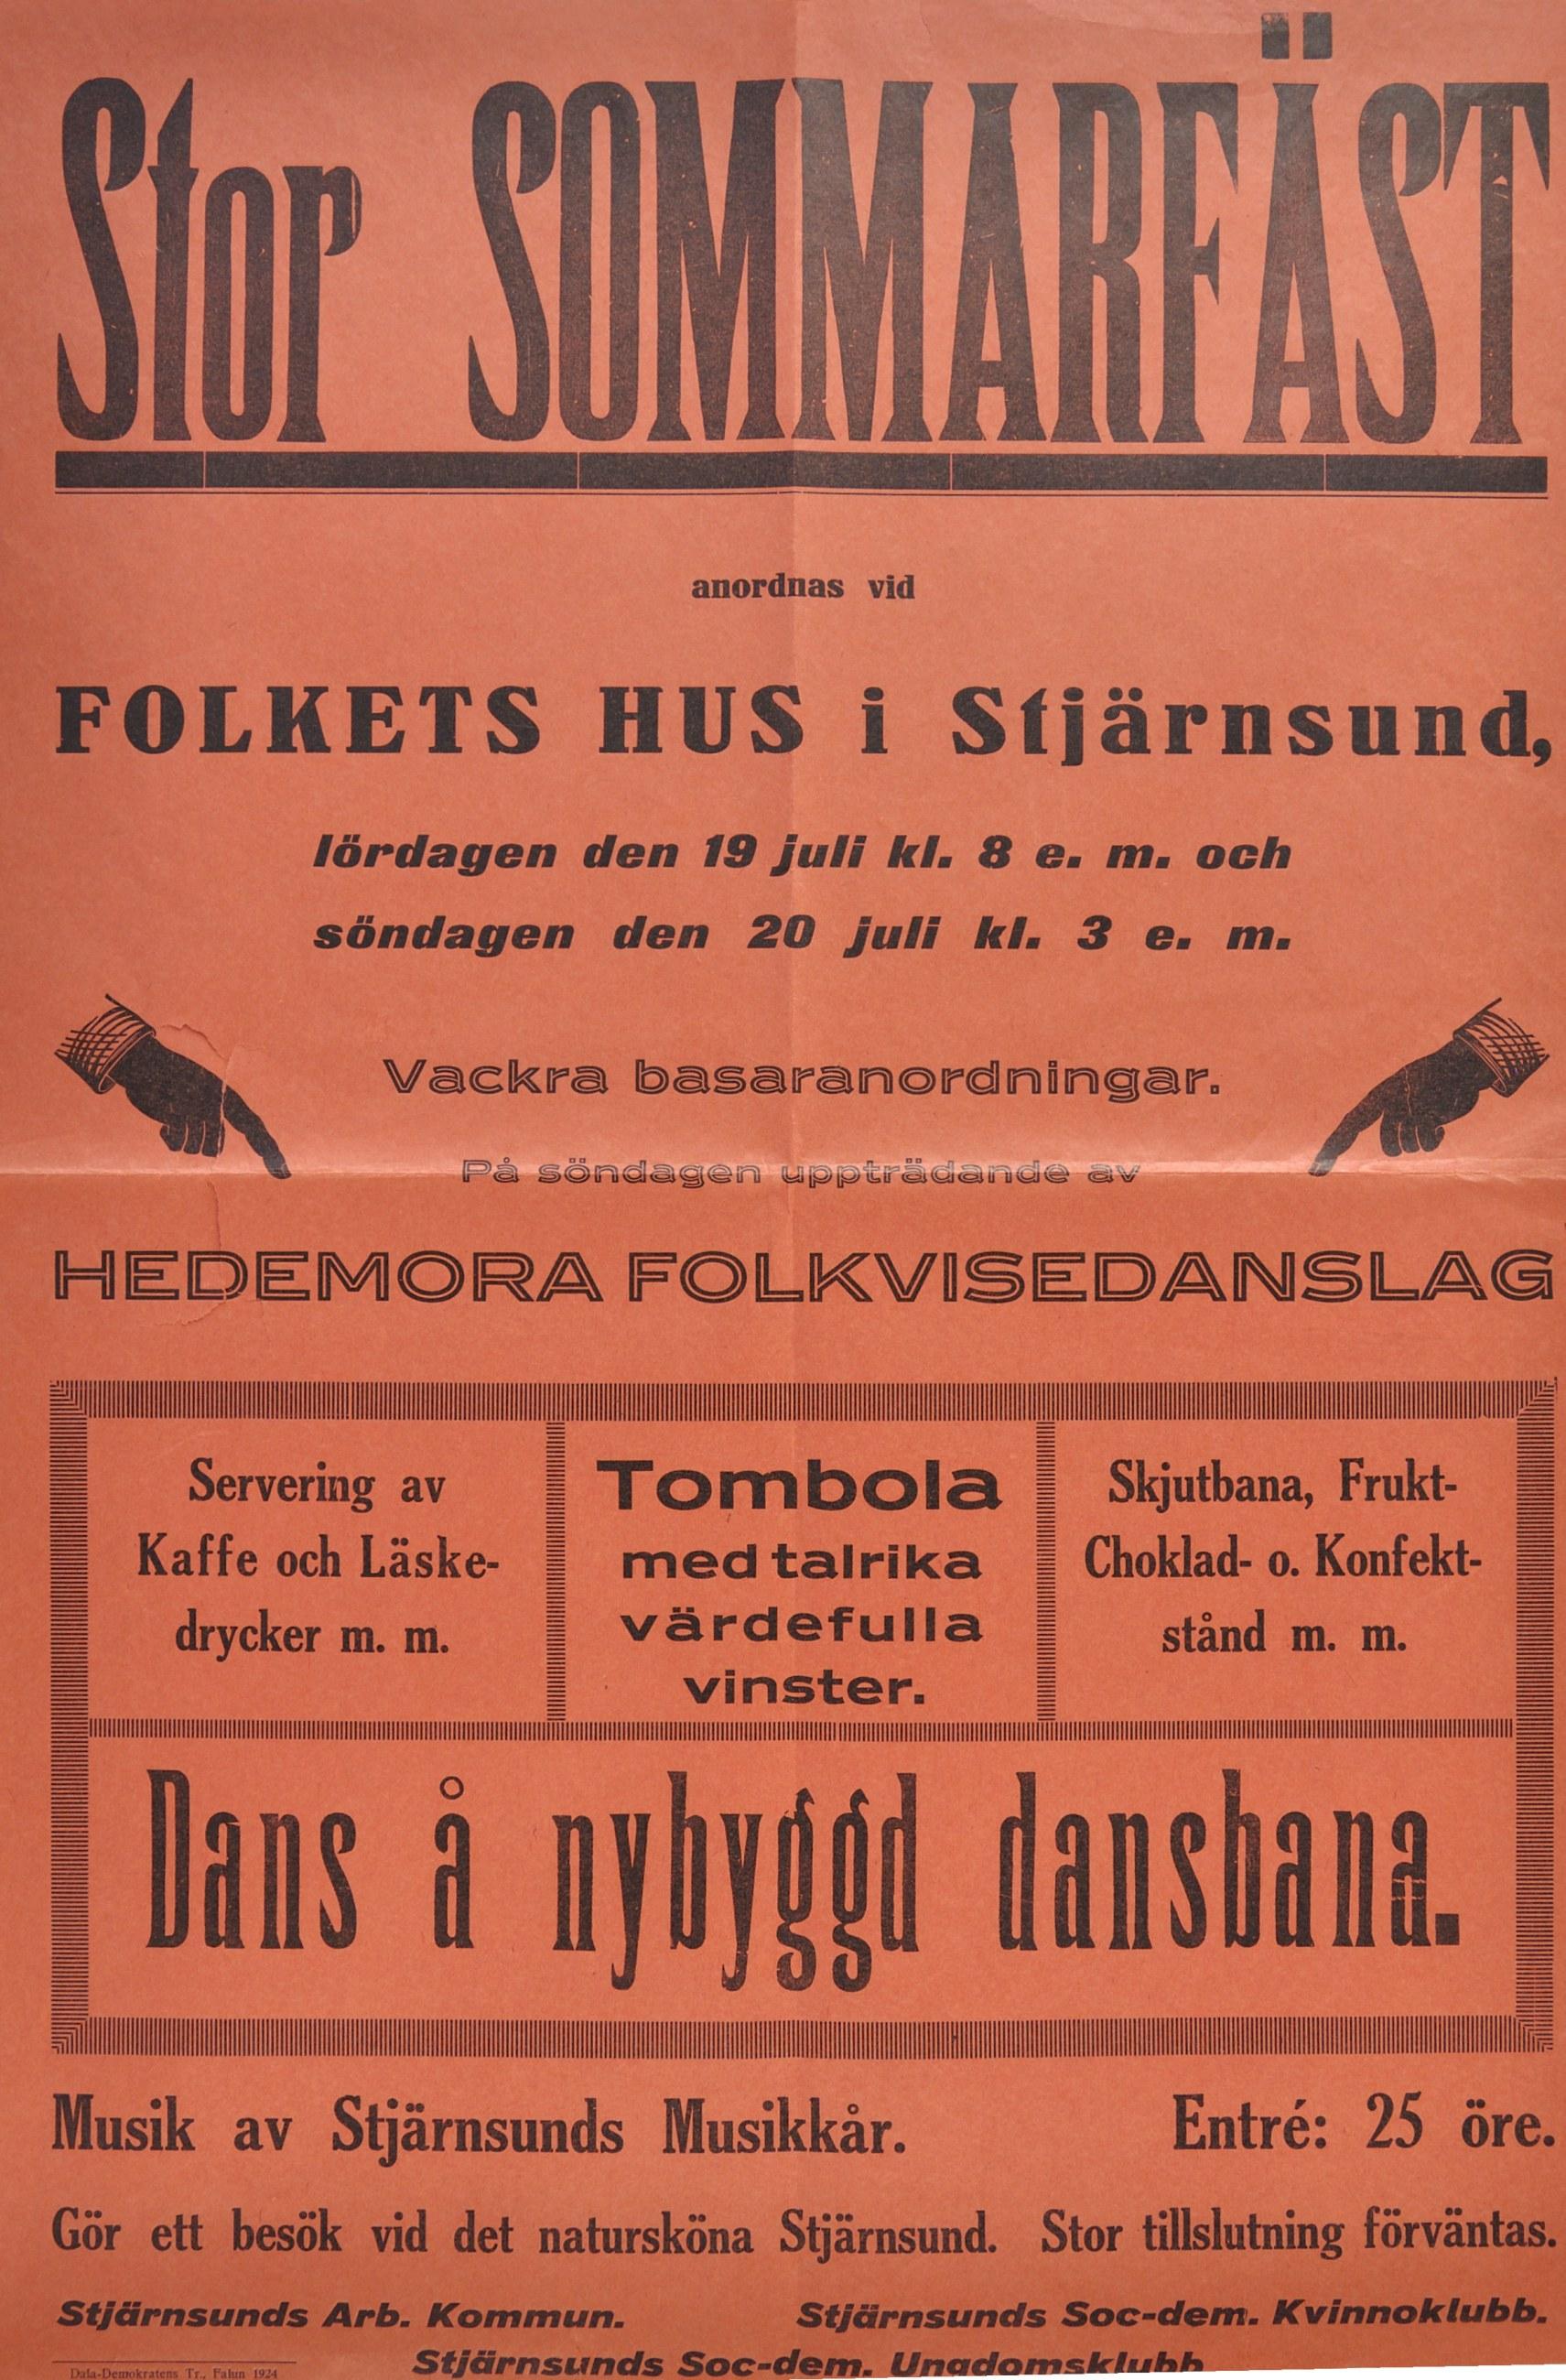 """Affisch med texten """"Stor Sommarfäst"""""""